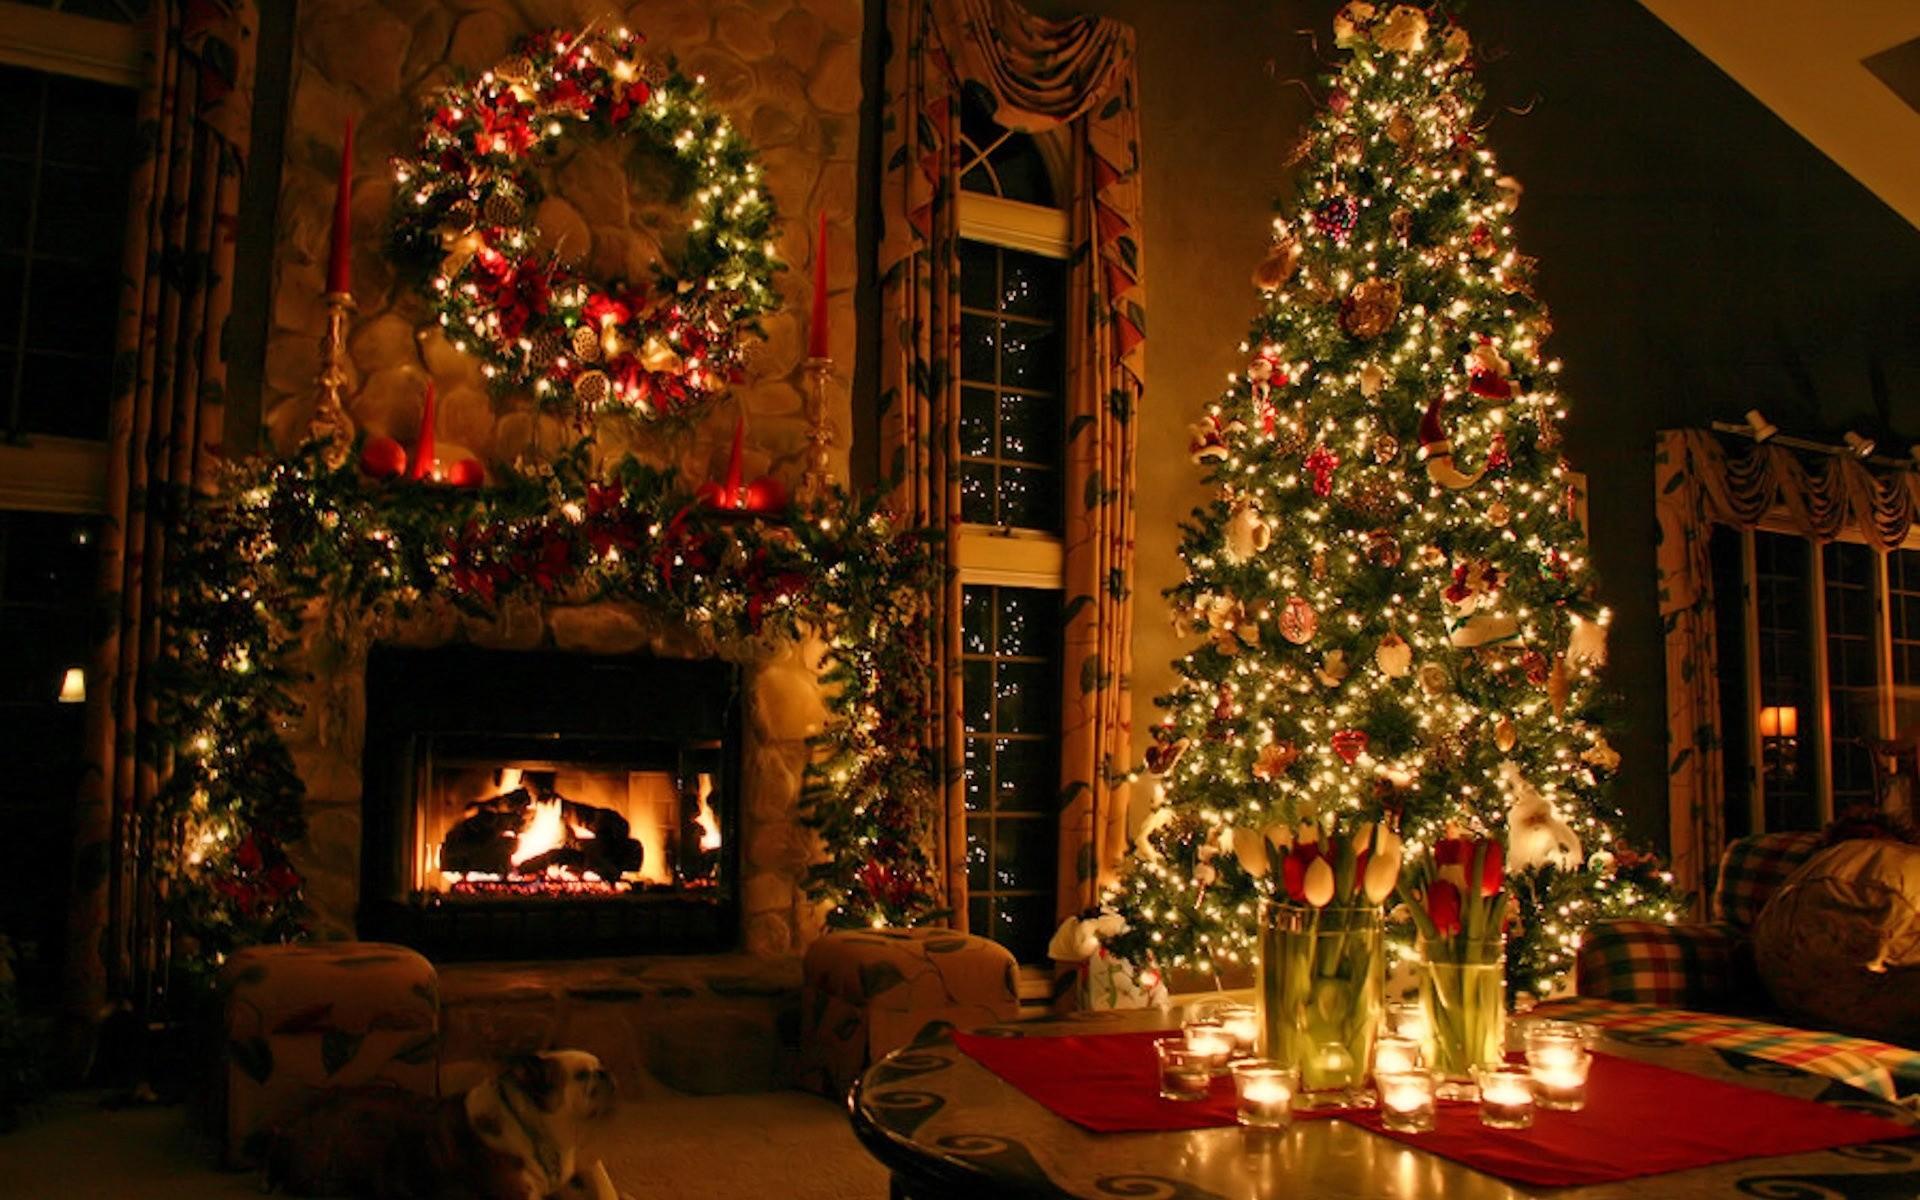 Christmas Desktop Background 60 Images